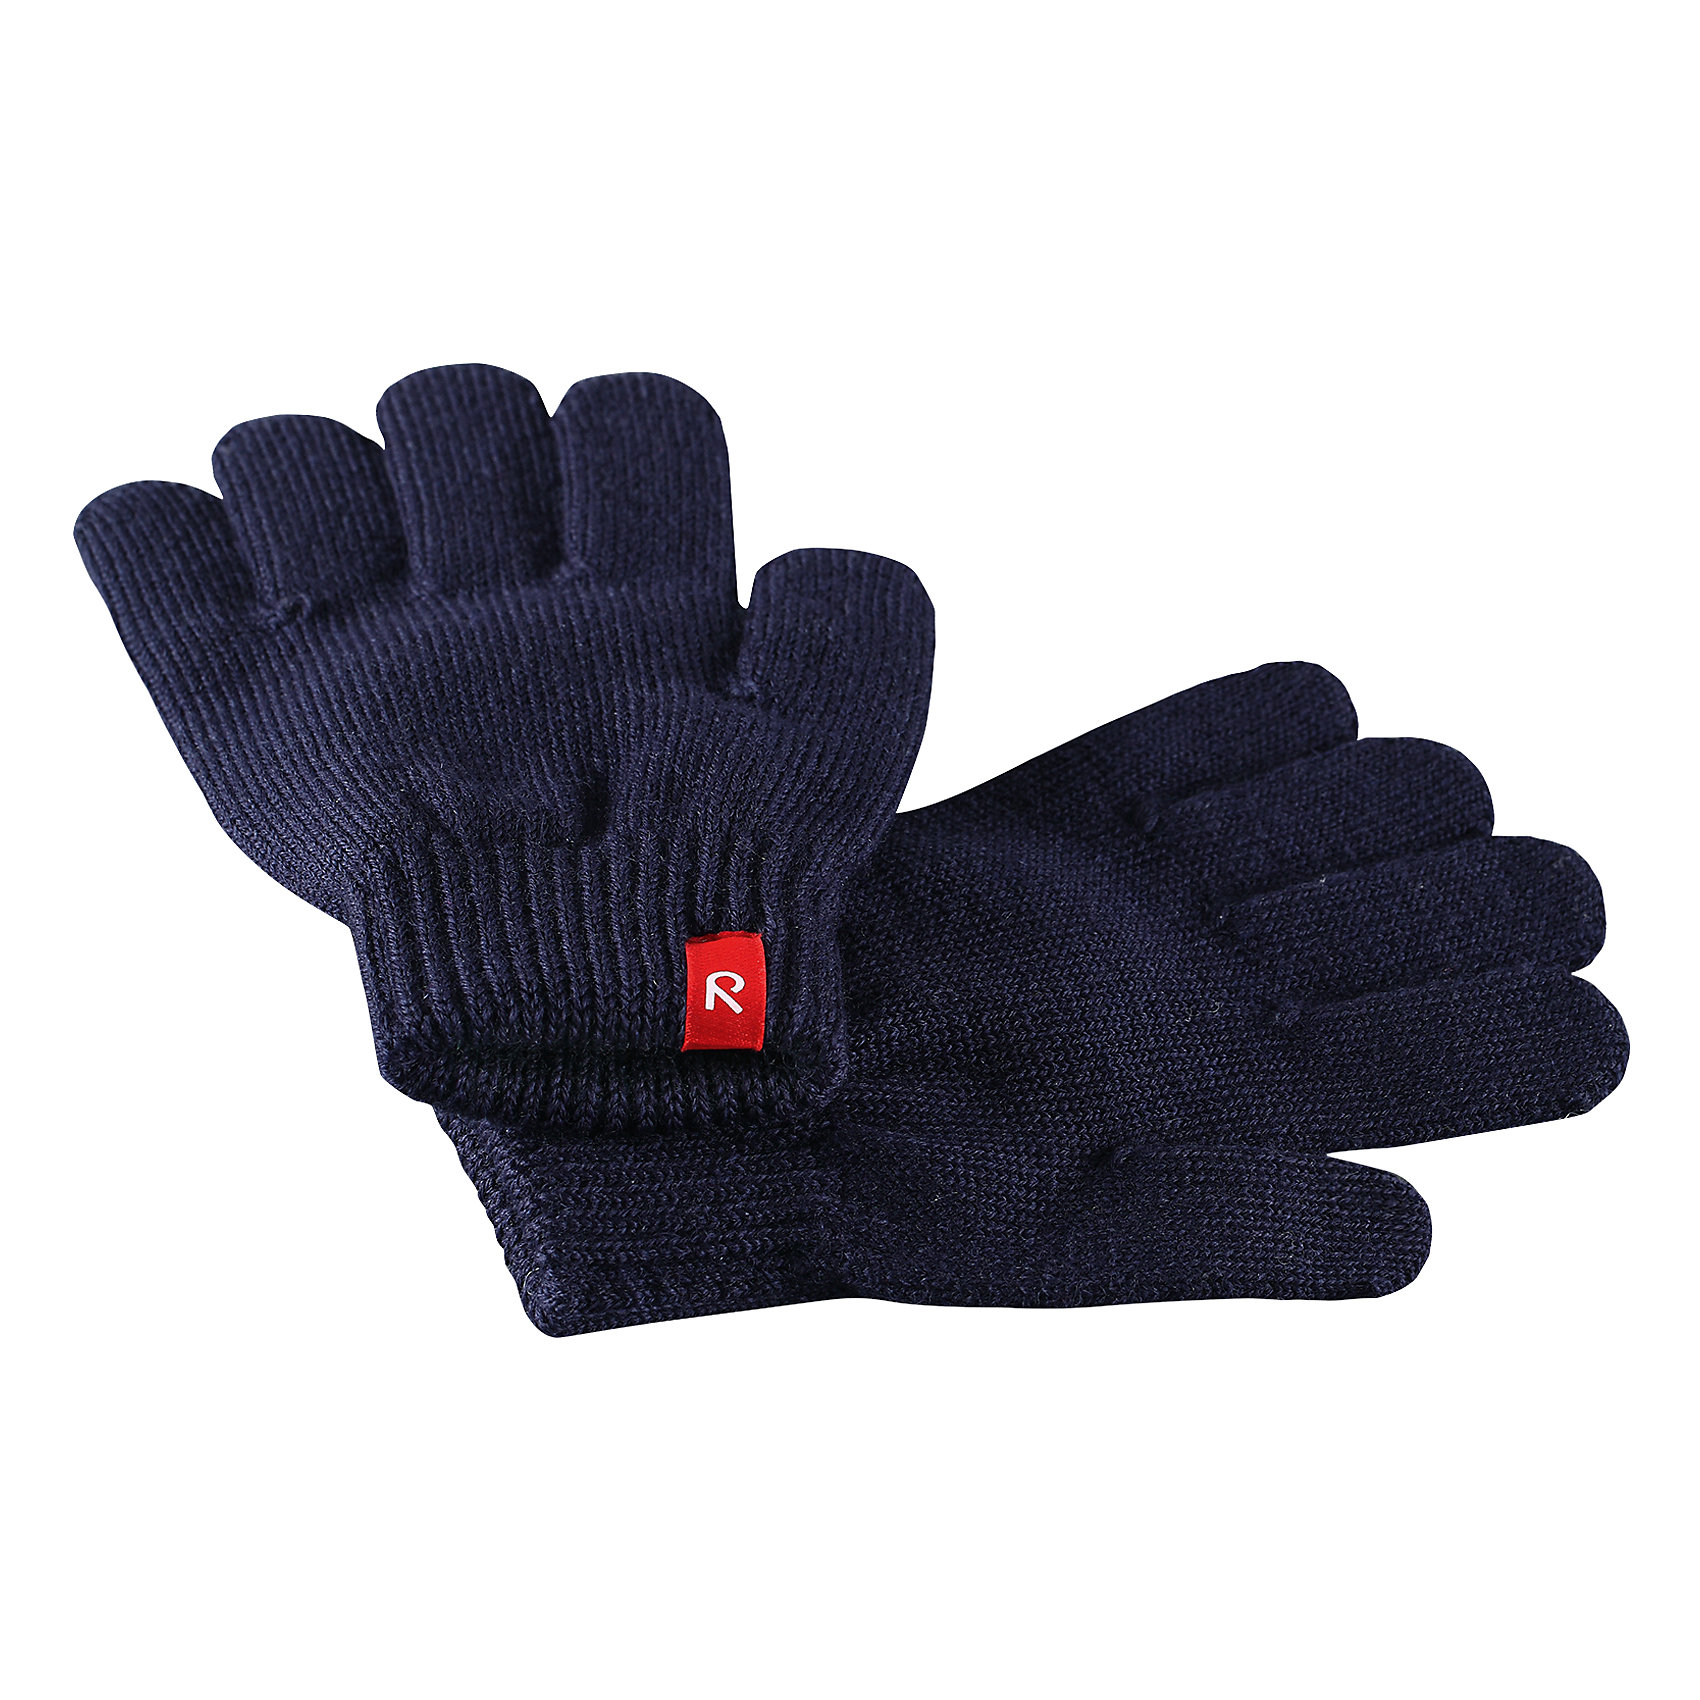 Перчатки Reima TwigПерчатки и варежки<br>Характеристики товара:<br><br>• цвет: темно-синий;<br>• состав: 75% шерсть, 22% полиакрил, 2% полиамид, 1% эластан;<br>• сезон: демисезон, зима;<br>• шерсть идеально поддерживает температуру;<br>• мягкая и теплая ткань из смеси шерсти;<br>• легкий стиль, без подкладки;<br>• страна бренда: Финляндия;<br>• страна изготовитель: Китай.<br><br>Перчатки выполнены из эластичной полушерсти, дарящей комфорт в прохладные дни ранней осенью. Они идеально подойдут для поддевания под водонепроницаемые варежки и перчатки. Изготовлены из трикотажа высокого качества и легко стираются в стиральной машине. <br><br>Перчатки Twig Reima от финского бренда Reima (Рейма) можно купить в нашем интернет-магазине.<br><br>Ширина мм: 162<br>Глубина мм: 171<br>Высота мм: 55<br>Вес г: 119<br>Цвет: синий<br>Возраст от месяцев: 120<br>Возраст до месяцев: 144<br>Пол: Унисекс<br>Возраст: Детский<br>Размер: 7/8,3/4,5/6<br>SKU: 6902111